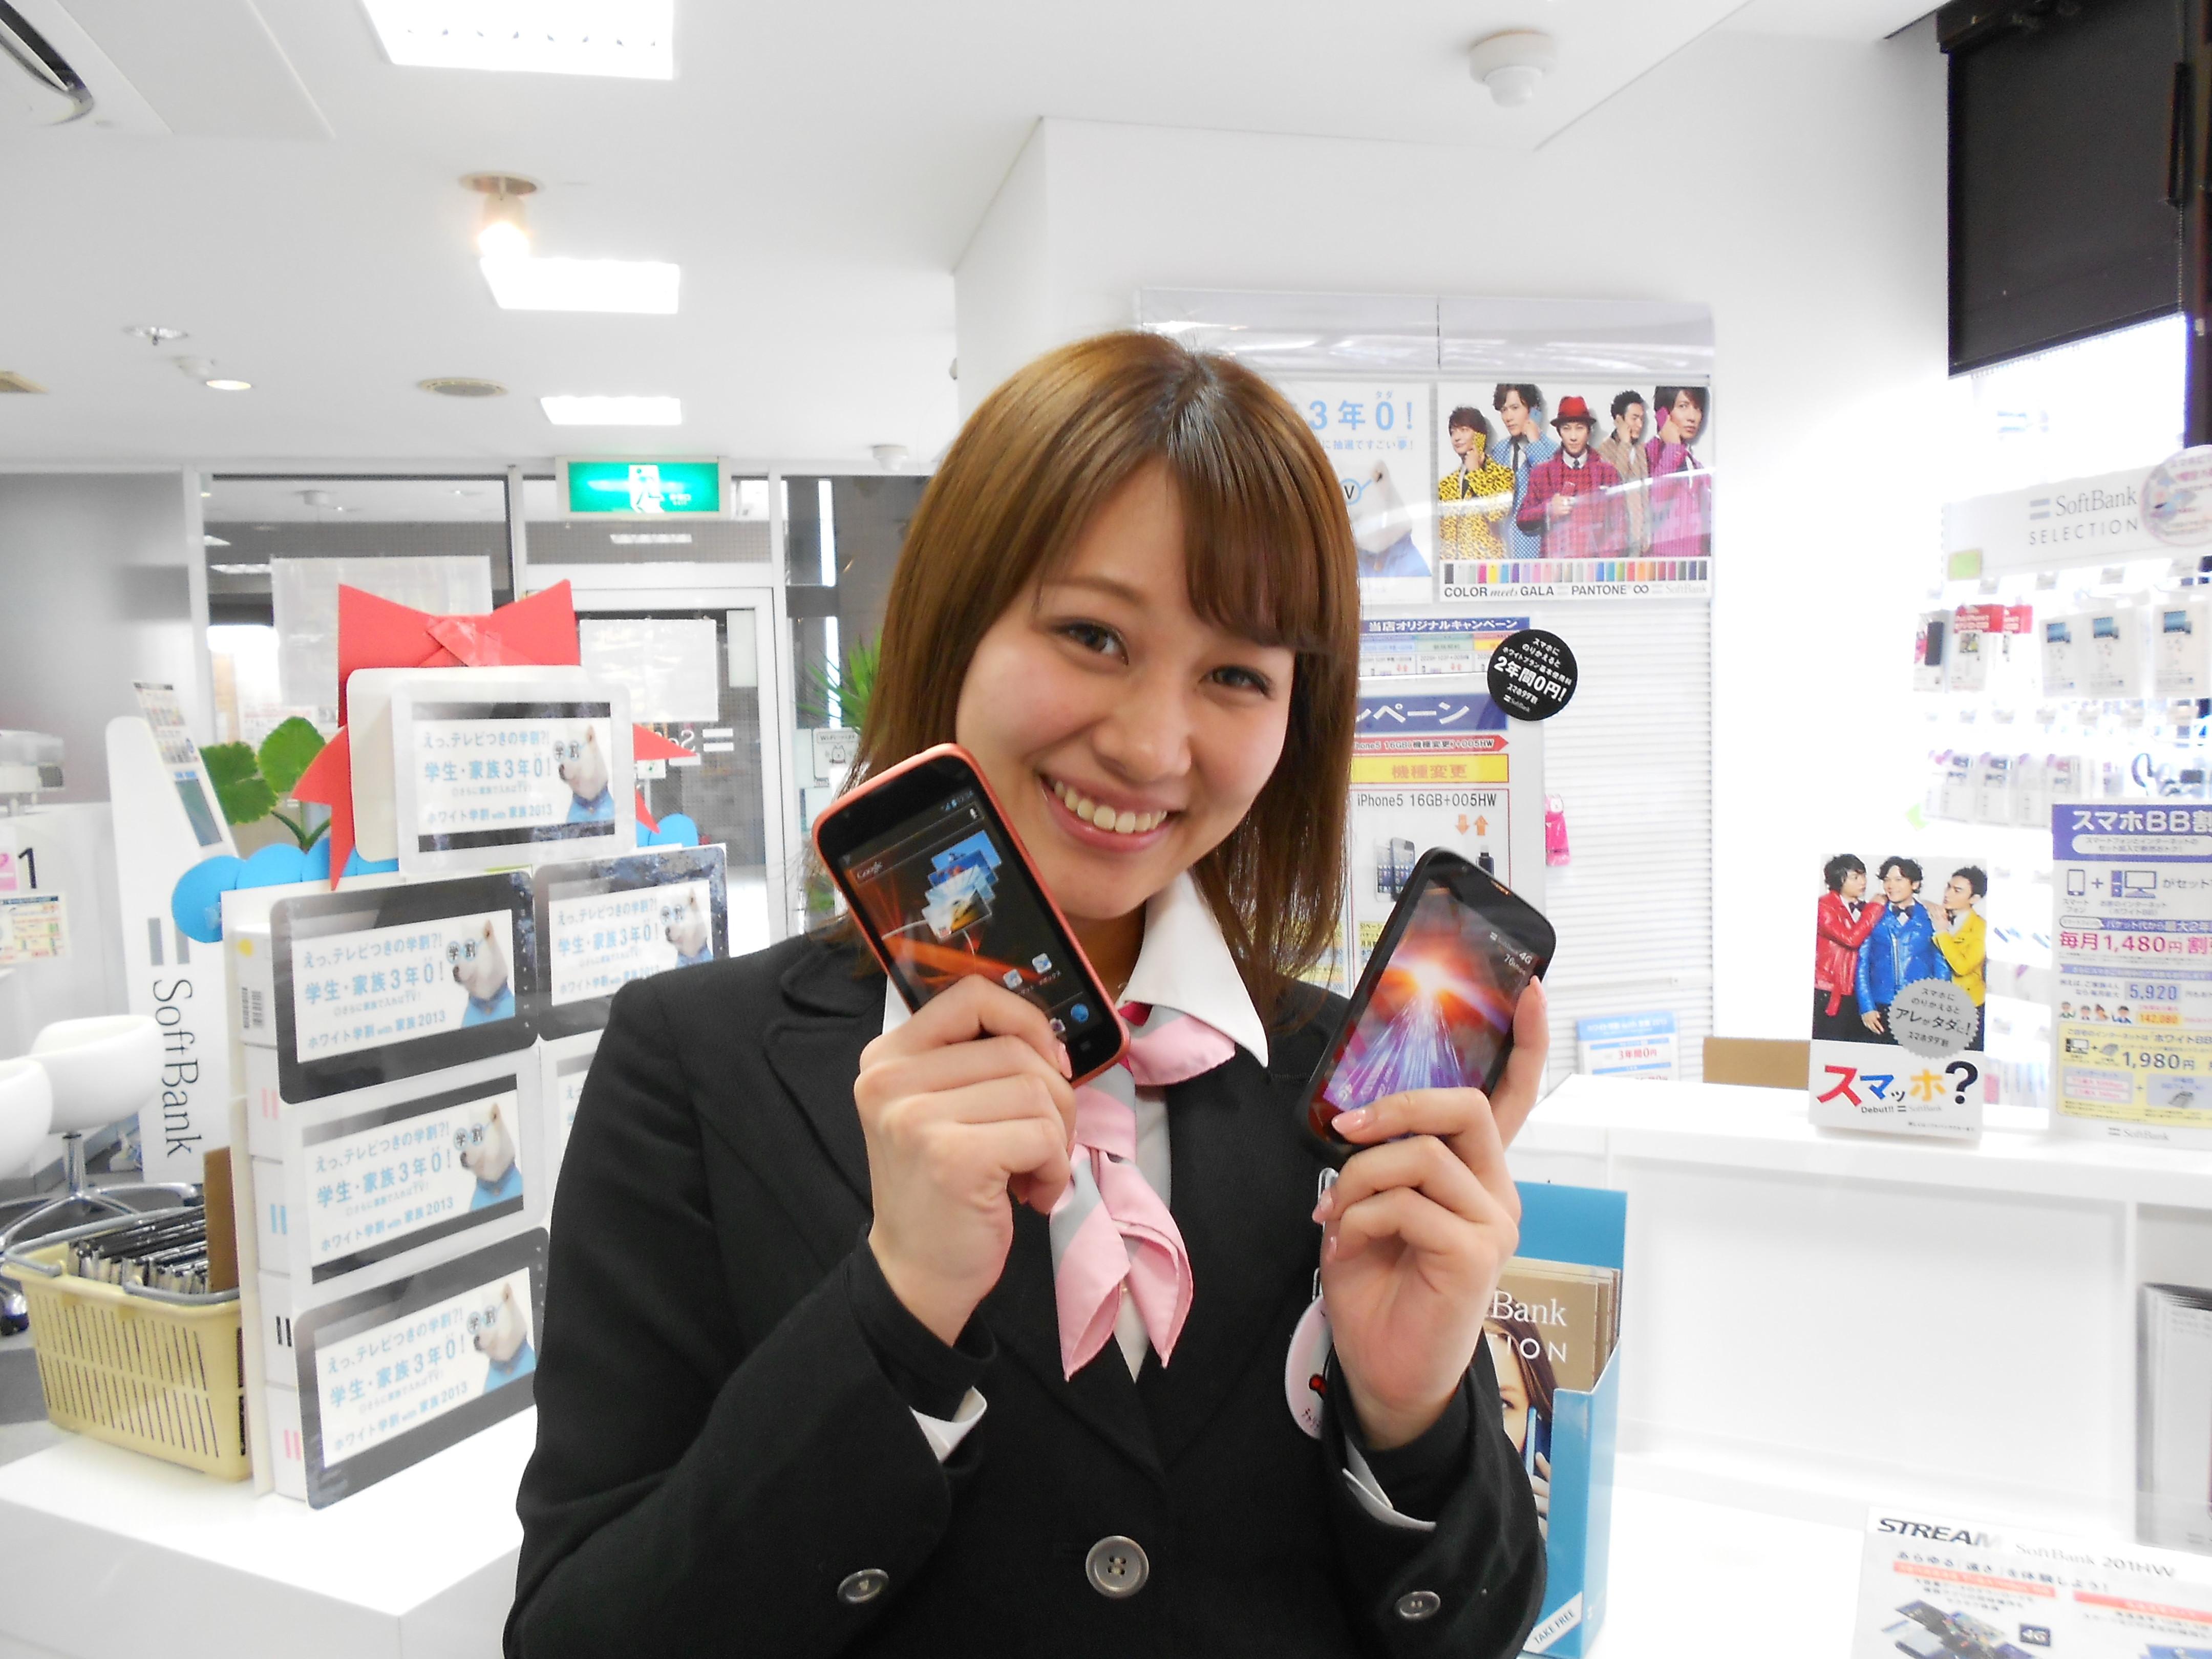 ソフトバンク 四日市生桑(株式会社シエロ)のアルバイト情報